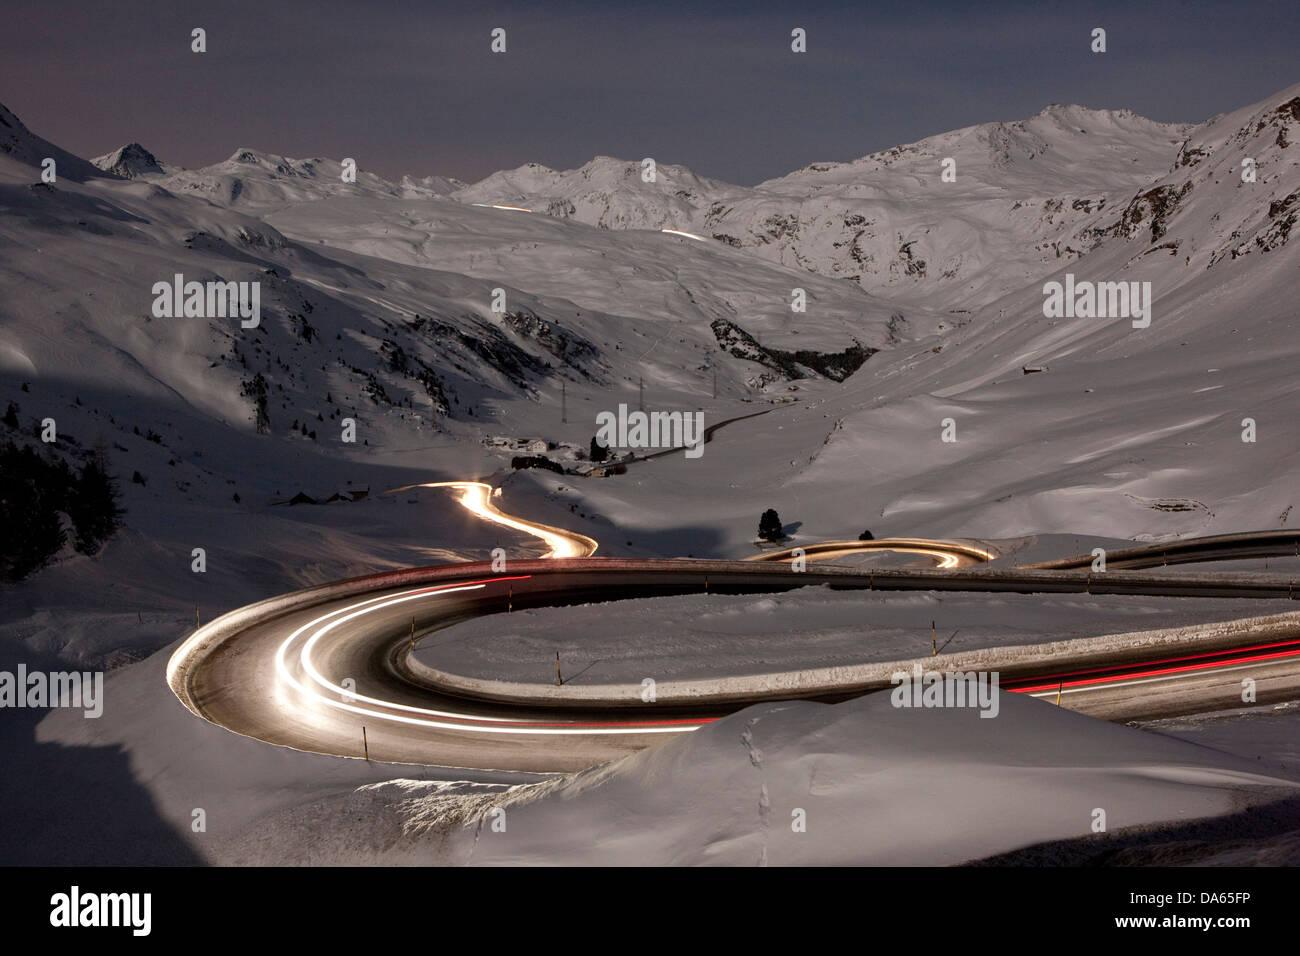 Julier, mountain pass, Pass, strada di notte, scuro, traffico, trasporti, Canton, GR, Grigioni, Grigioni, Svizzera, Immagini Stock